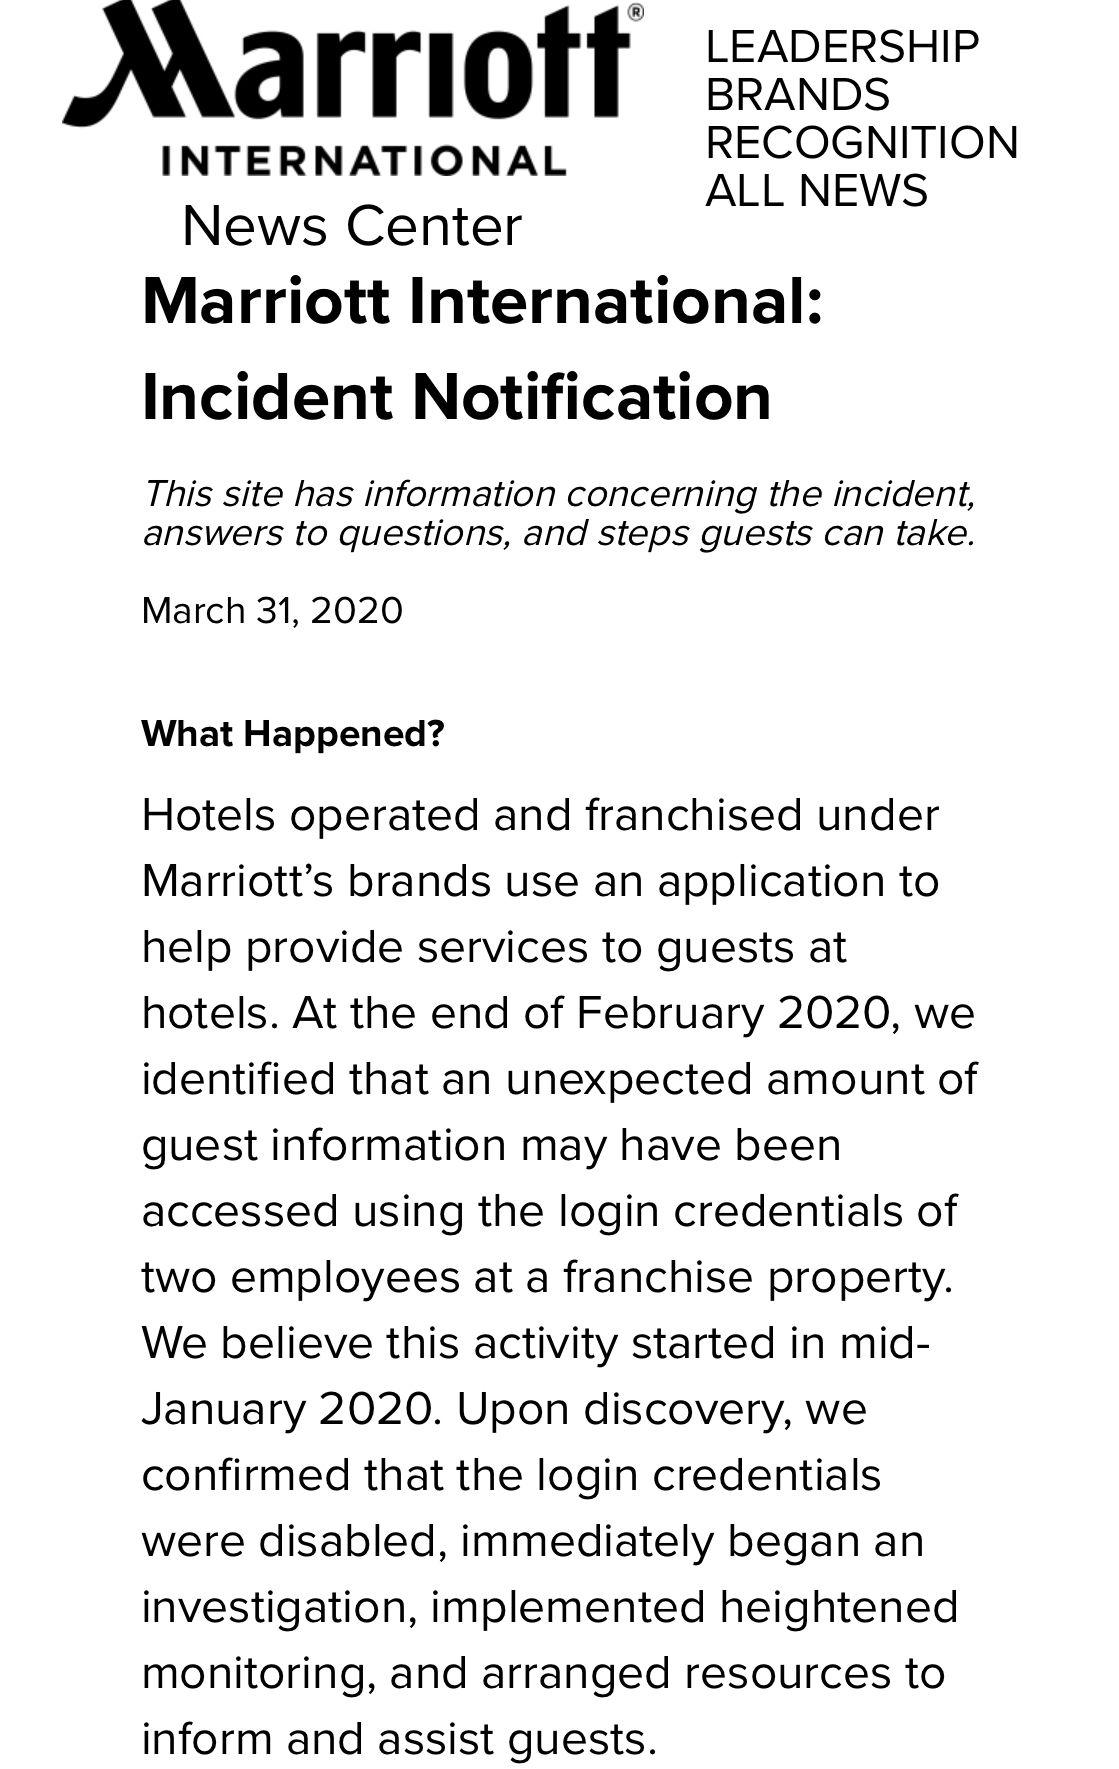 再爆住客信息泄露事件,万豪曾因信息泄露被索赔百亿美元图片